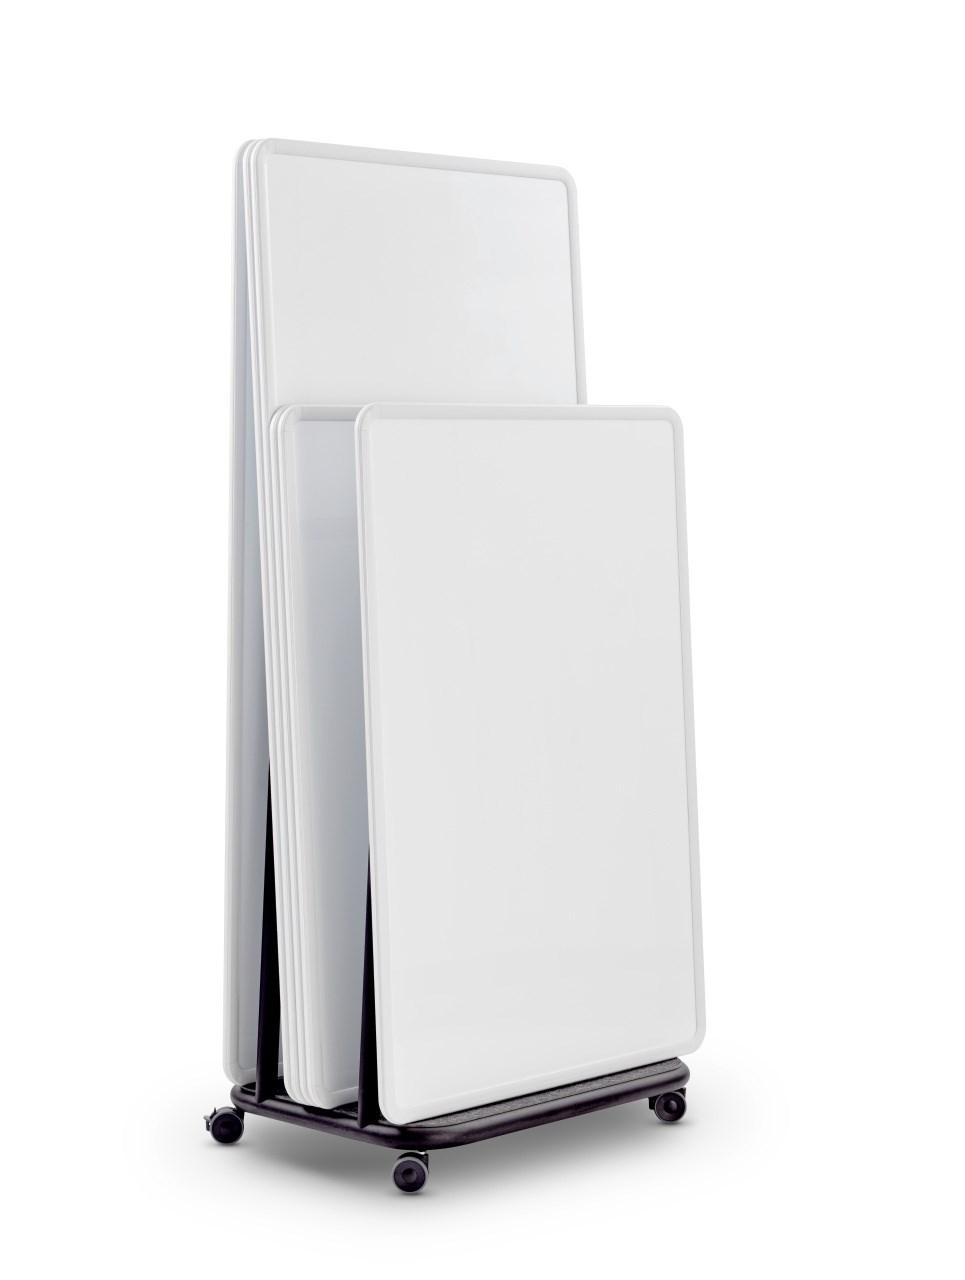 Sedus-Se:lab-Boards-Matisse-2